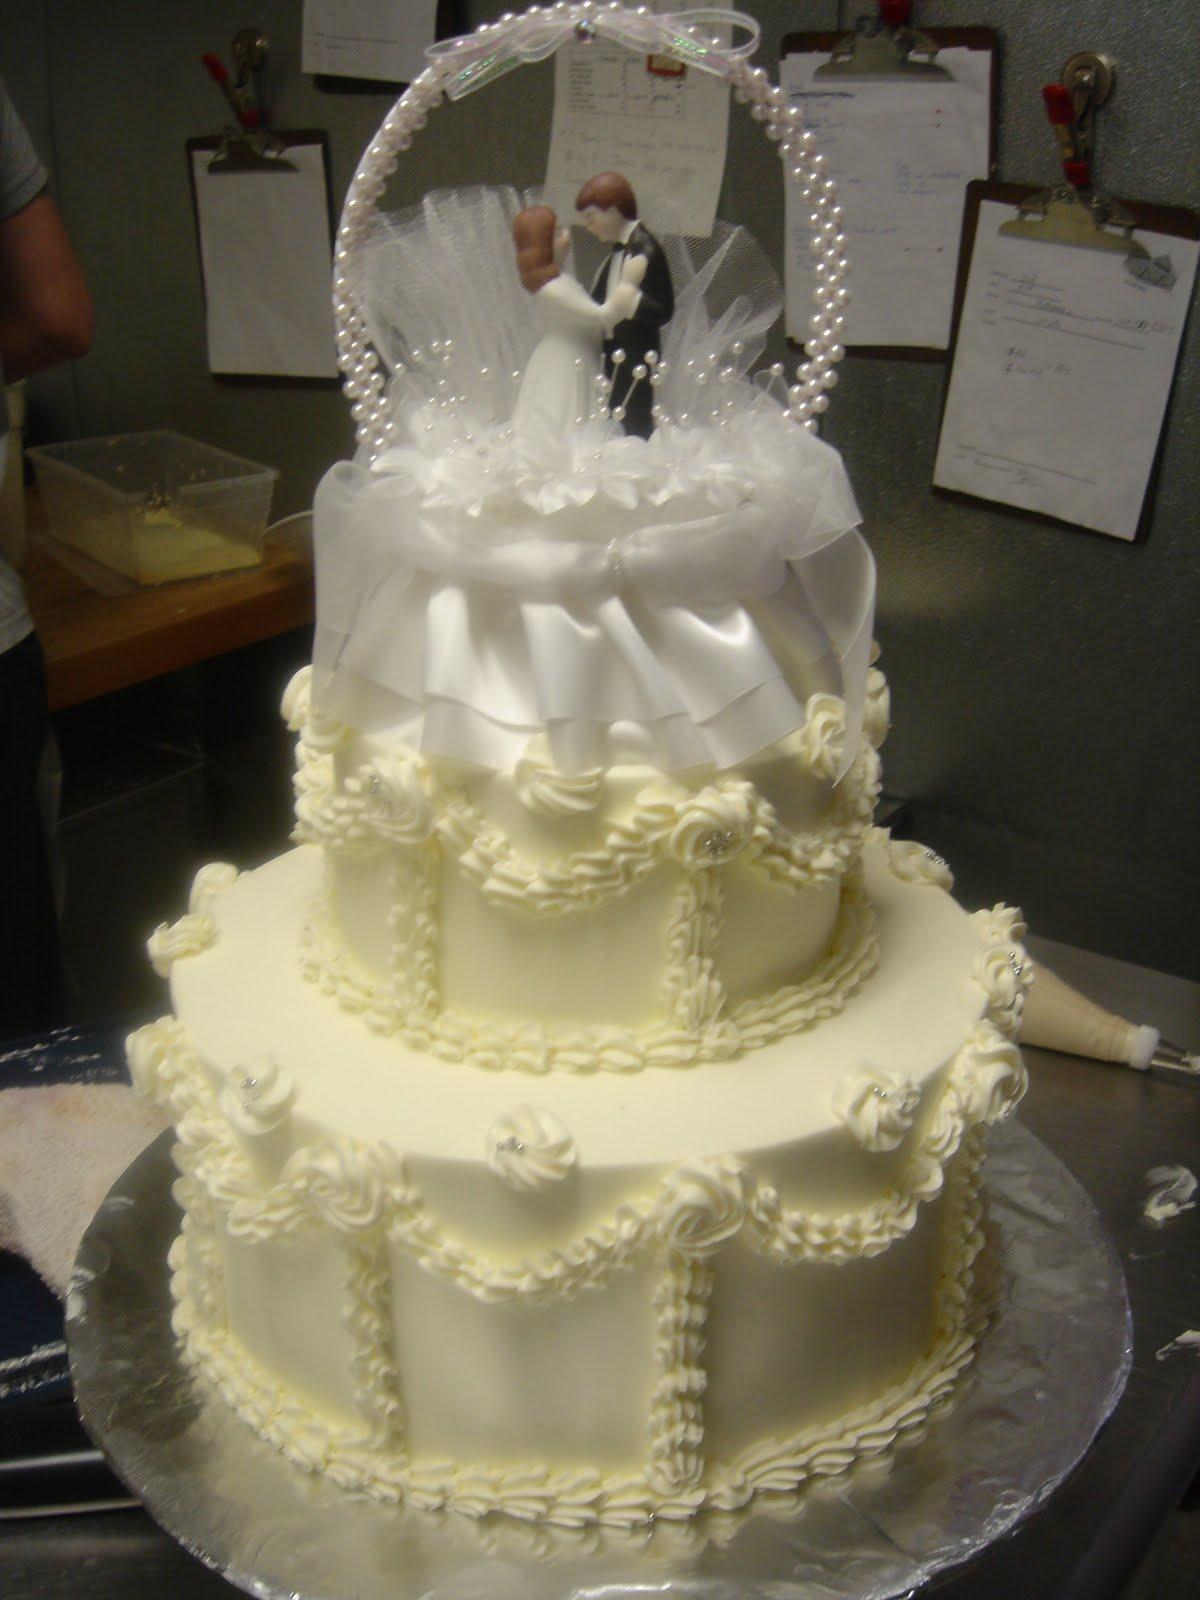 Wedding cakes 50 yrs ago